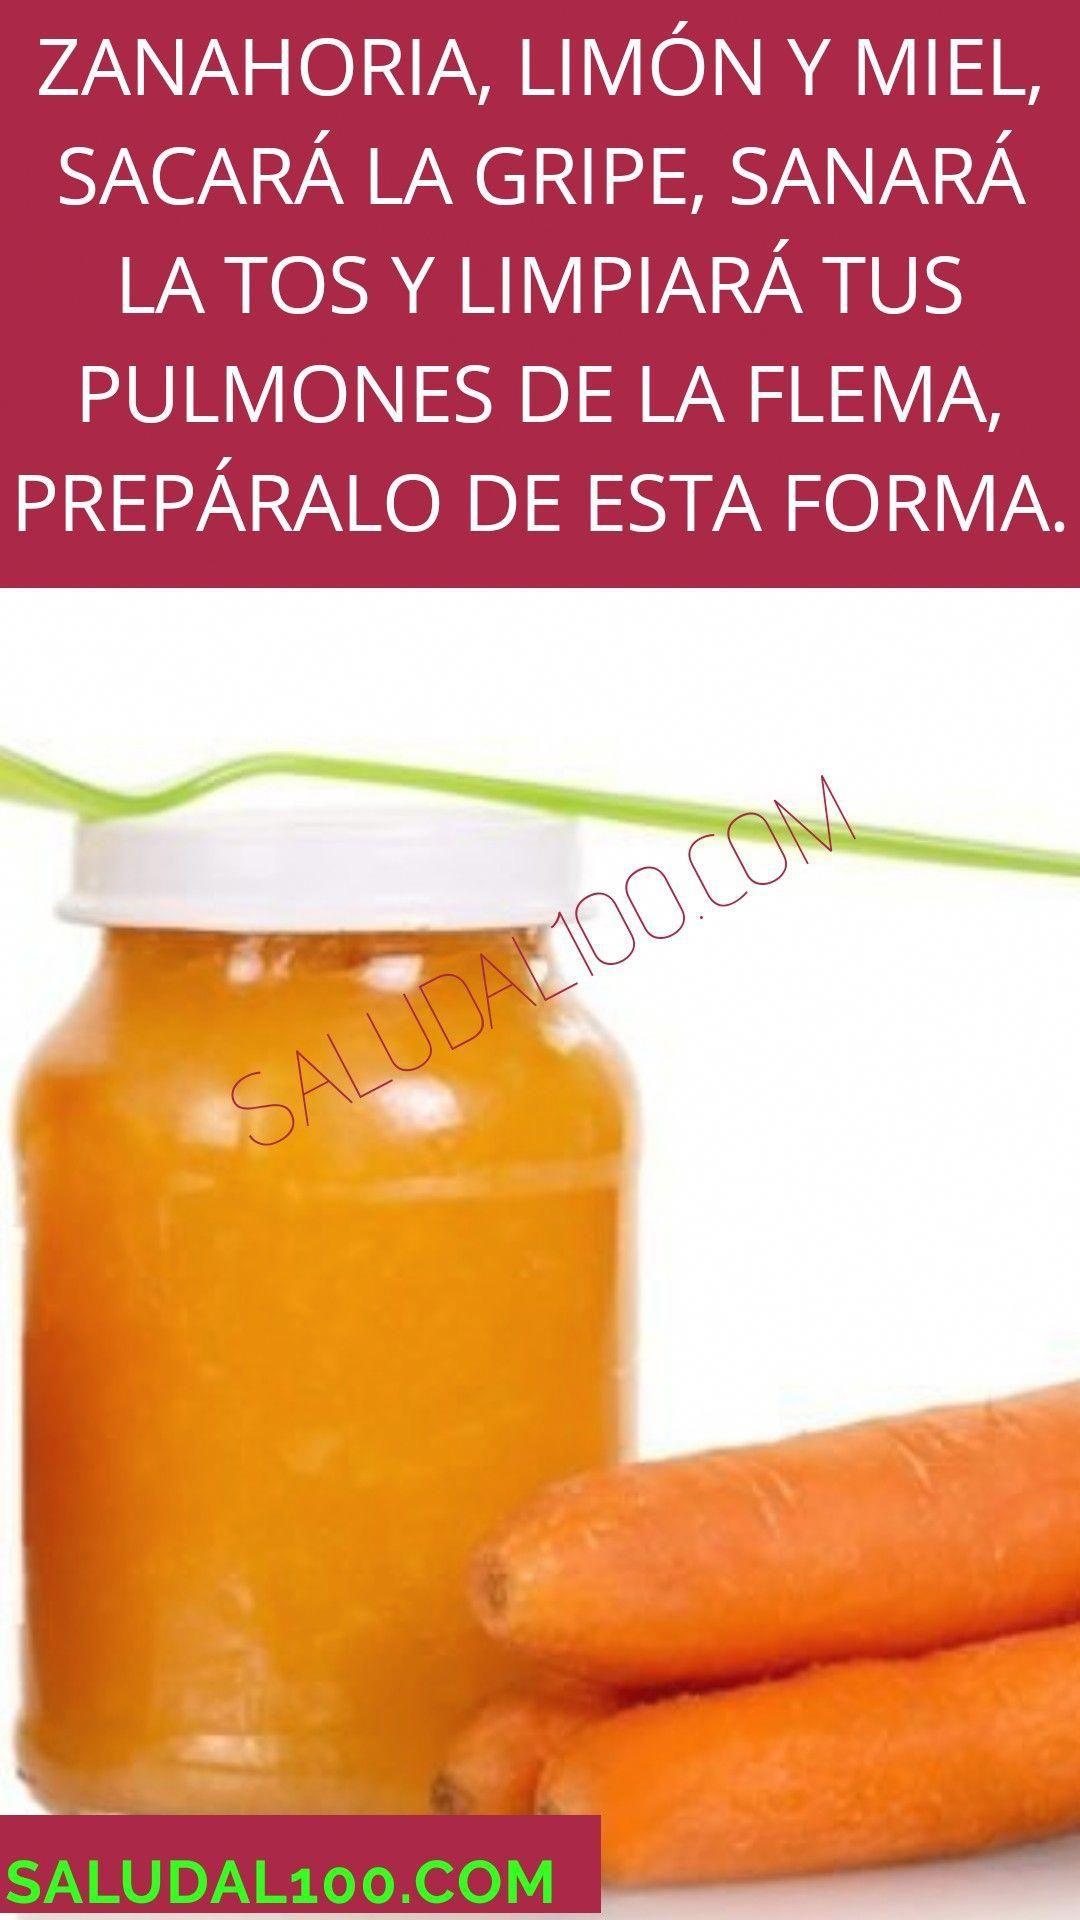 Remedios Naturales Para Hacer En Casa Remedioscaserostos Alternative Health Care Health Tips Honey And Cinnamon Cures